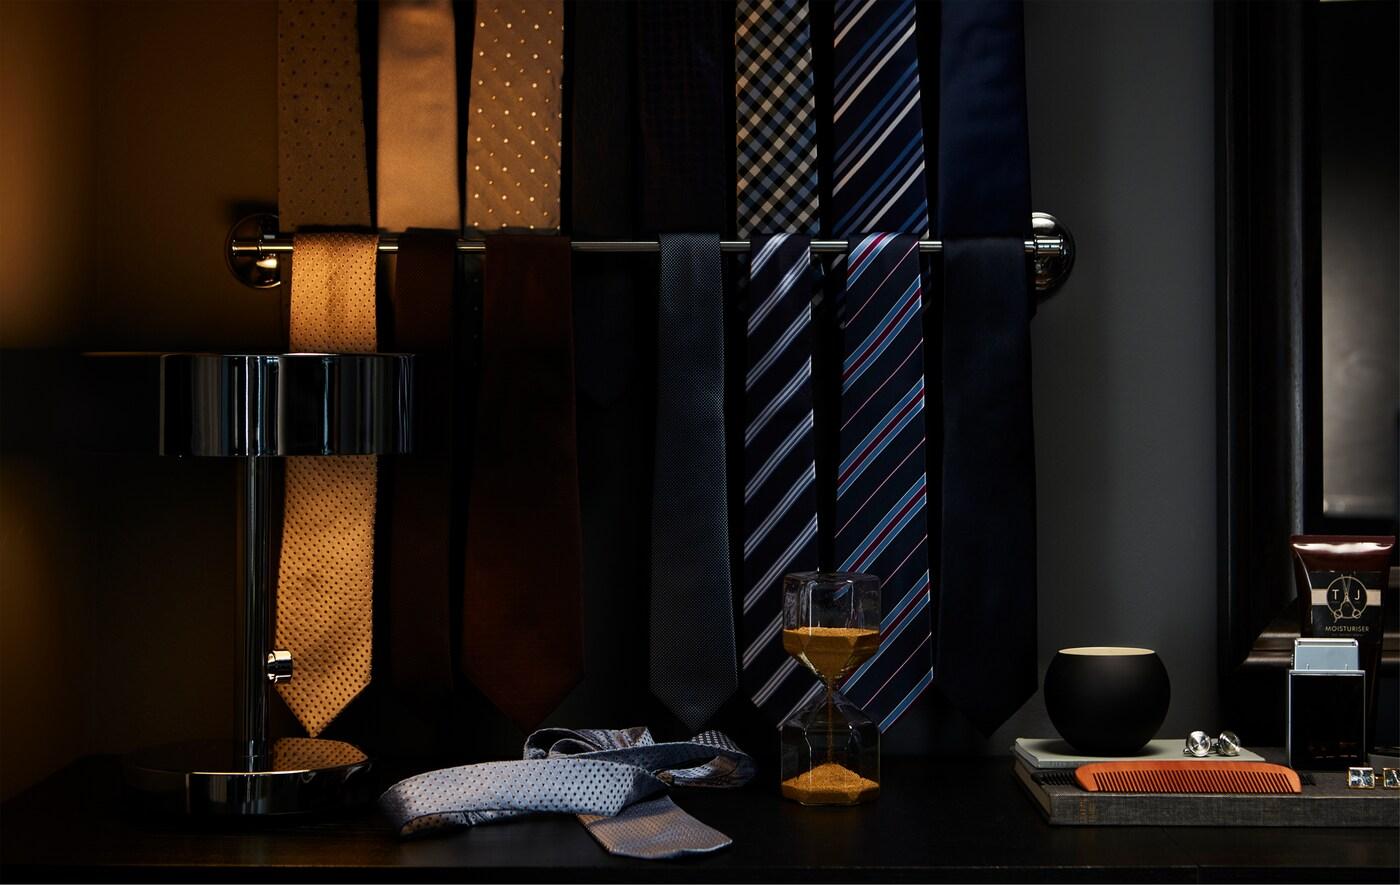 Slips hænger på forkromede håndklædestænger og gi'r dig et hurtigt overblik.